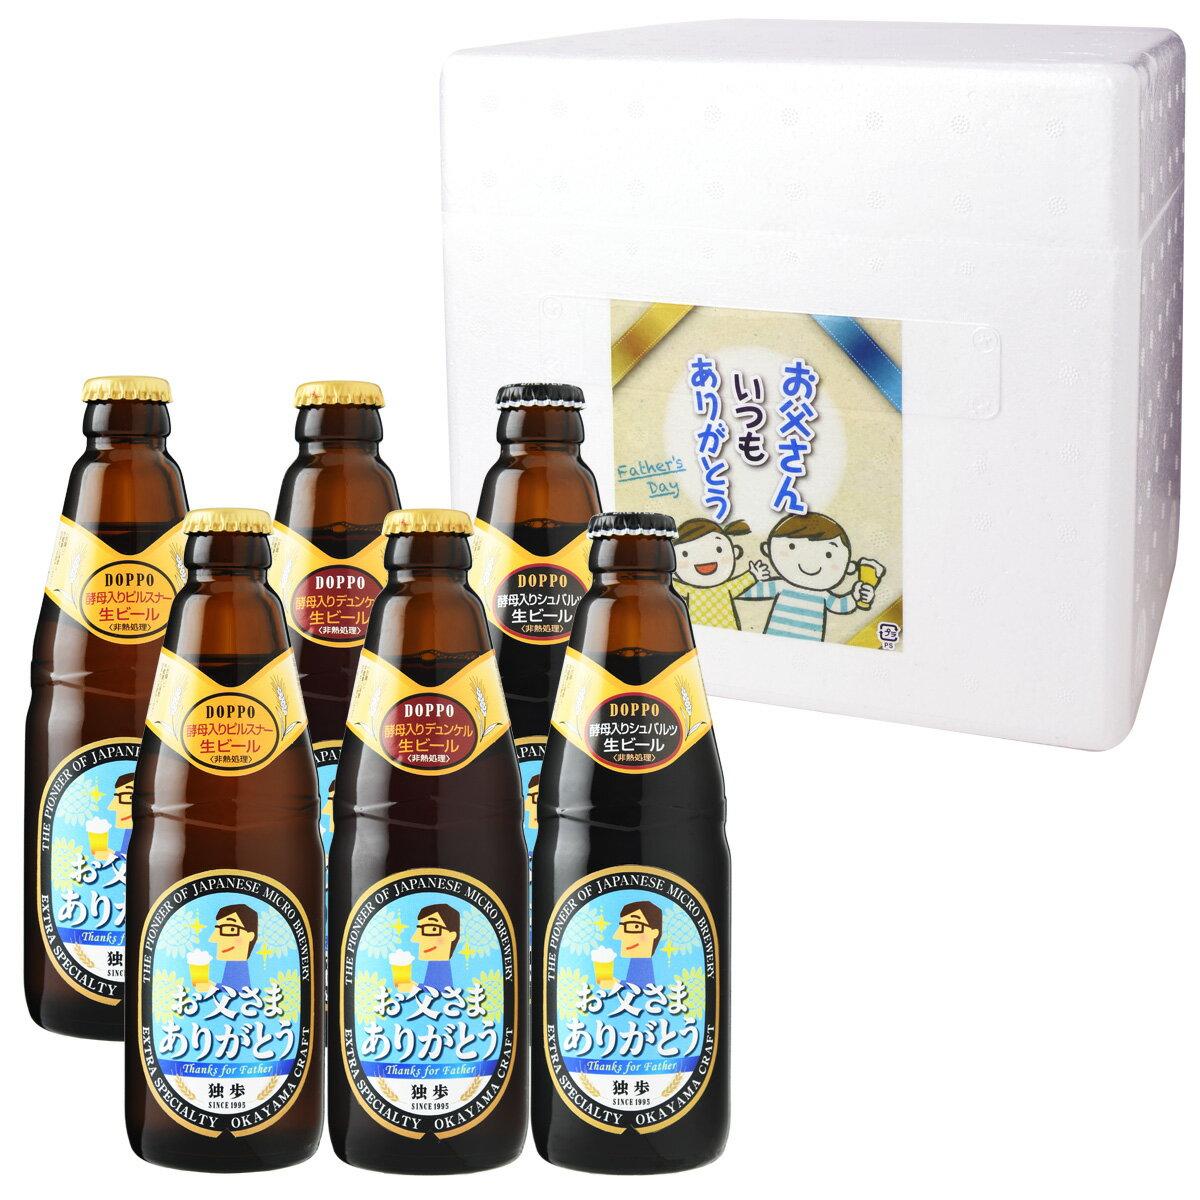 父の日 ギフト 独歩ビール(父の日ラベル)6本セット メッセージカード付き(送料込み、クール配送) 誕生日 プレゼント 宮下酒造 あす楽対応